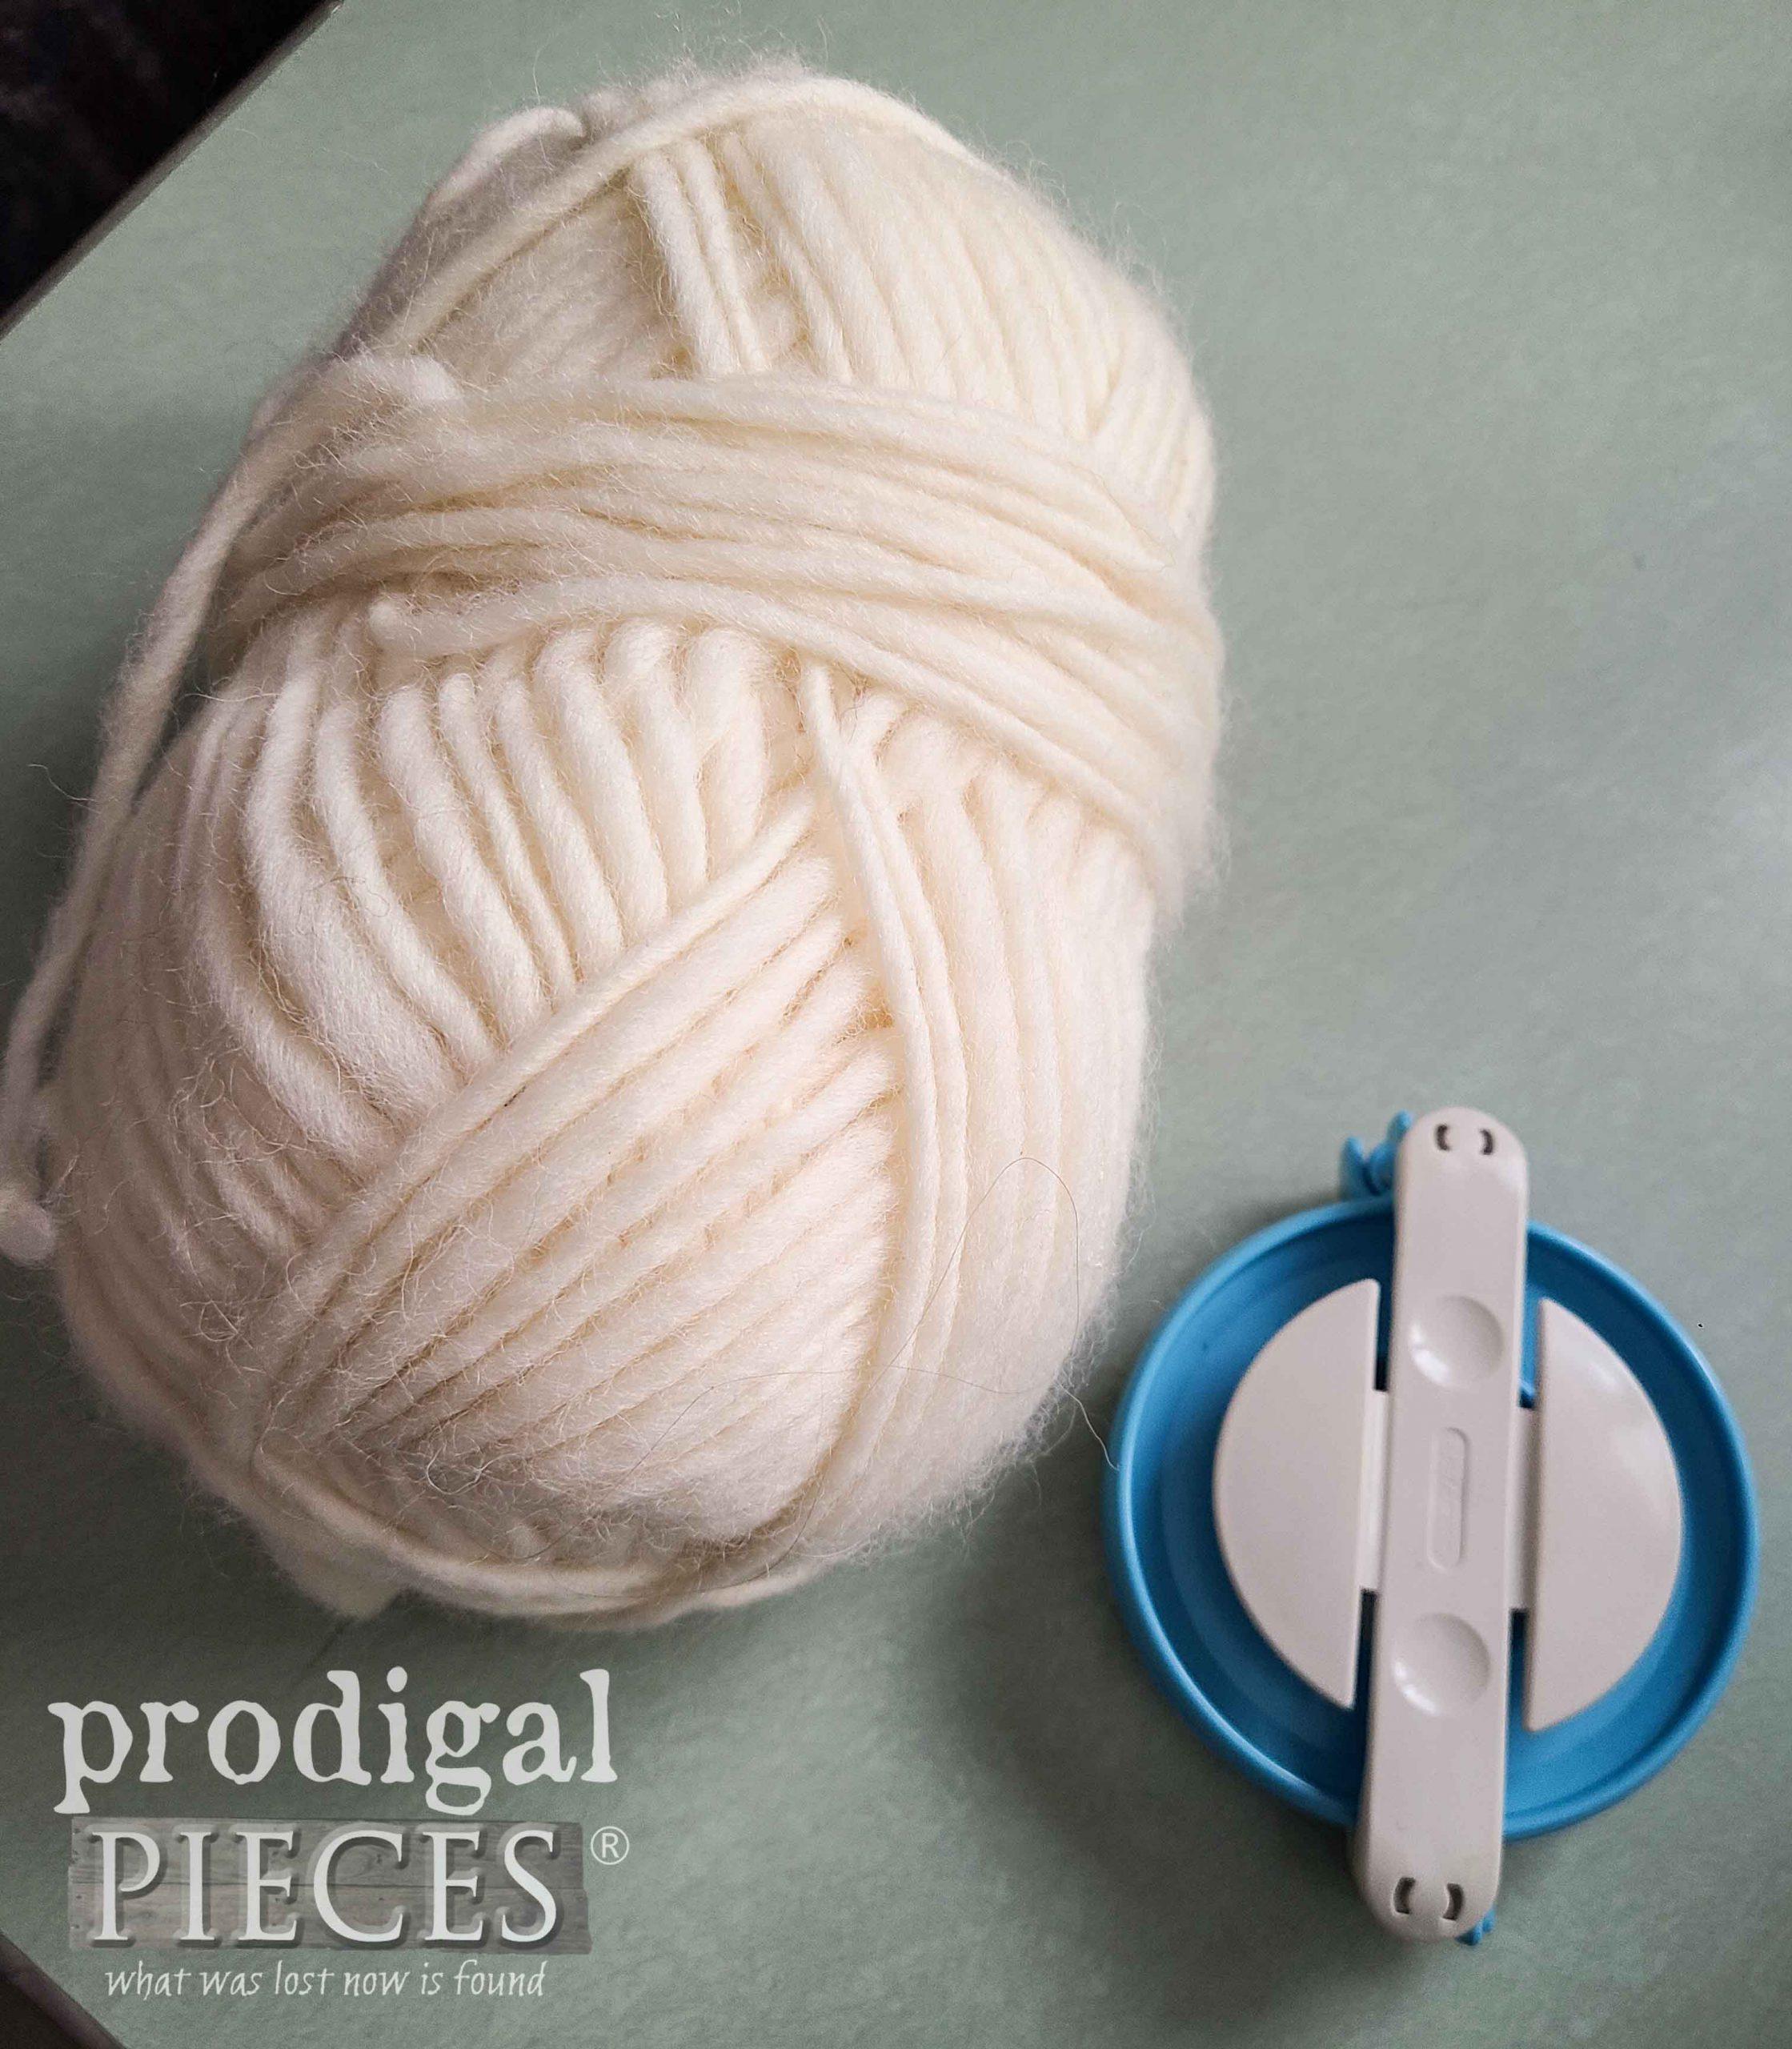 Wool Yarn & Pom-Pom Maker | Prodigal Pieces | prodigalpieces.com #prodigalpieces